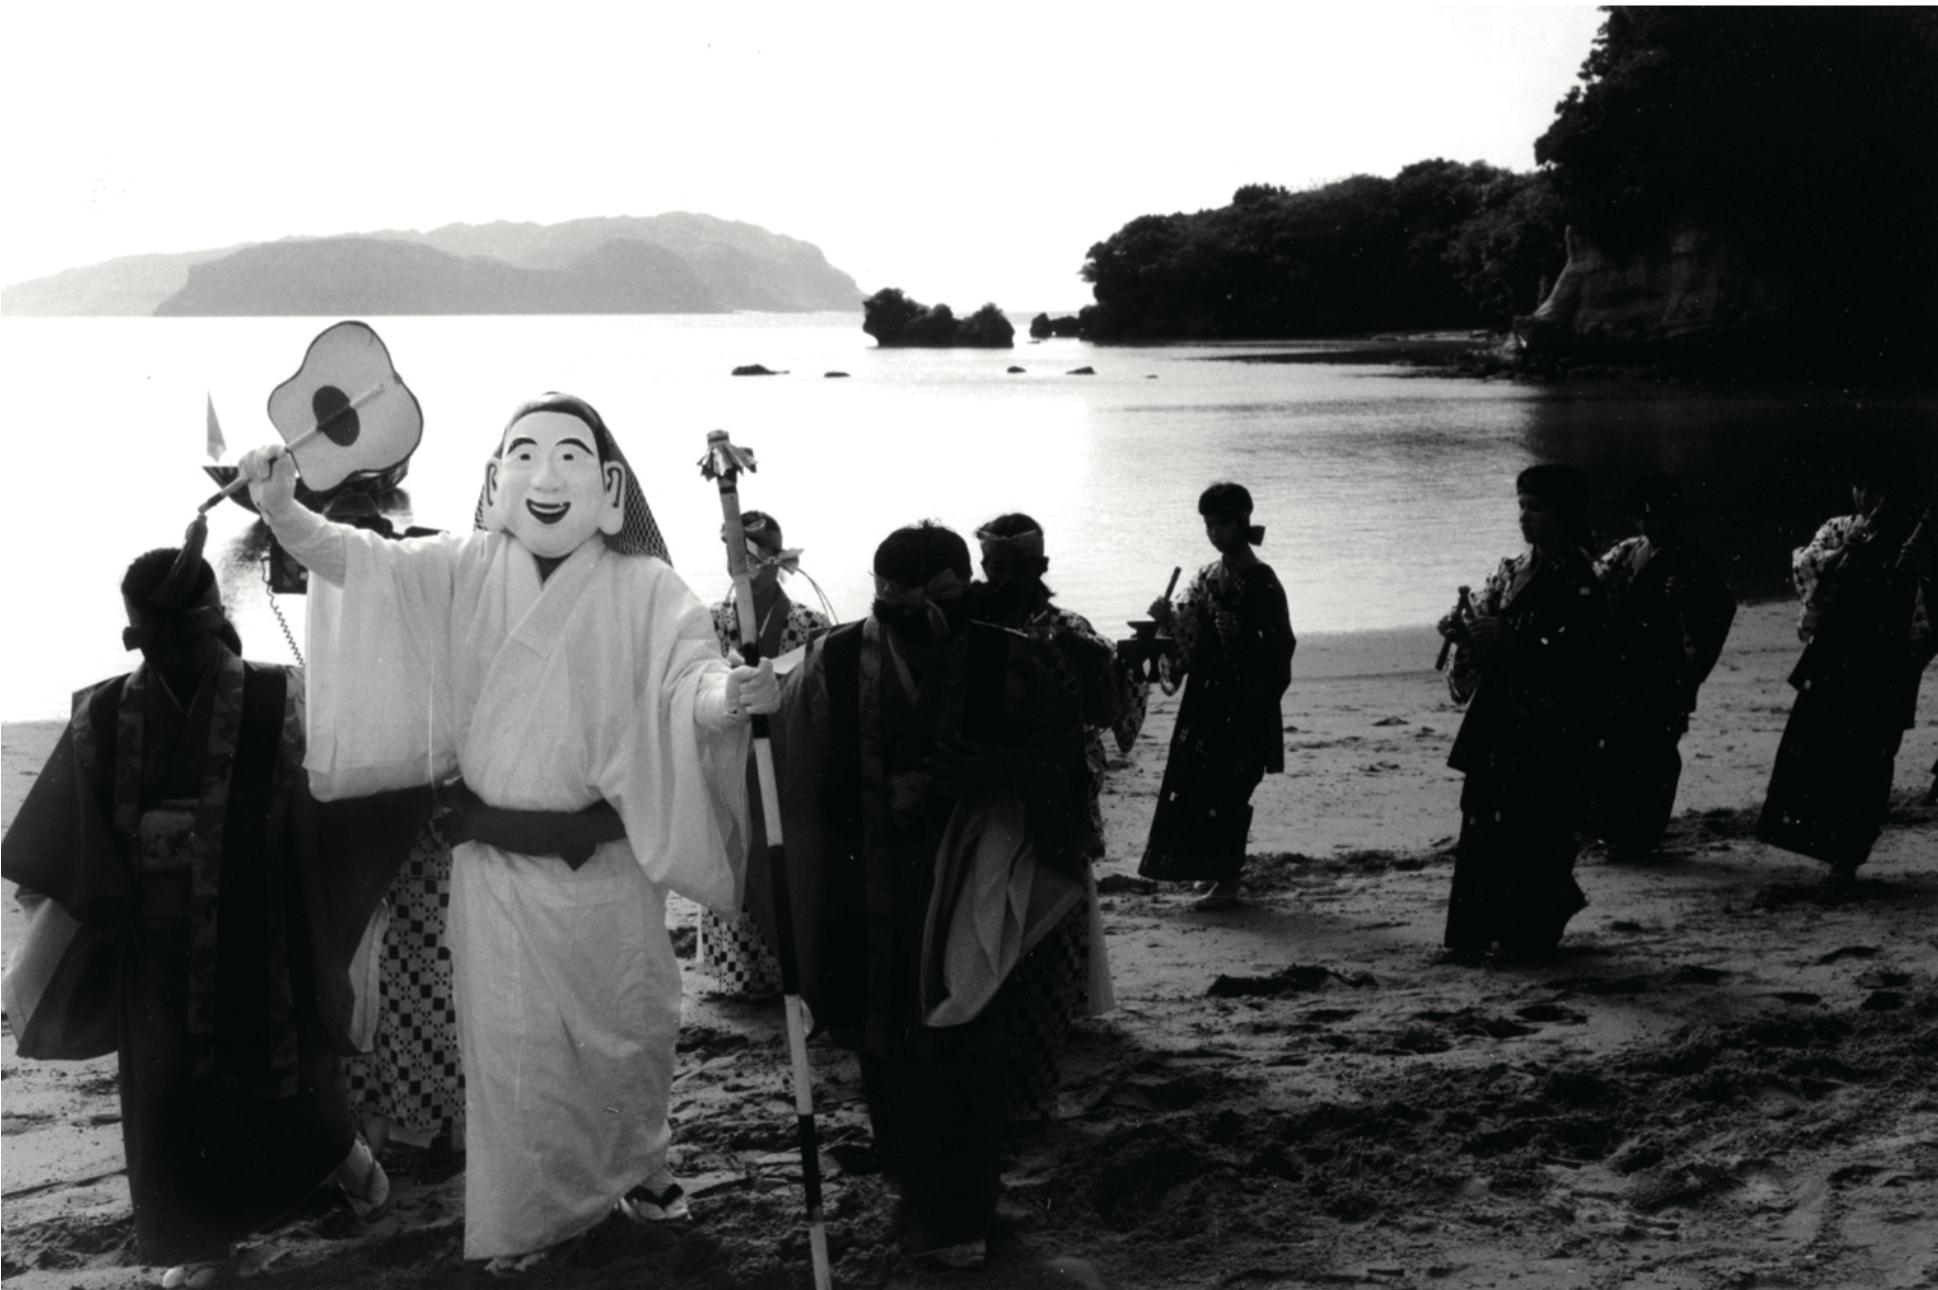 祈りのかたちを今に伝える。民俗写真の巨匠 芳賀日出男写真展開催中。@六本木